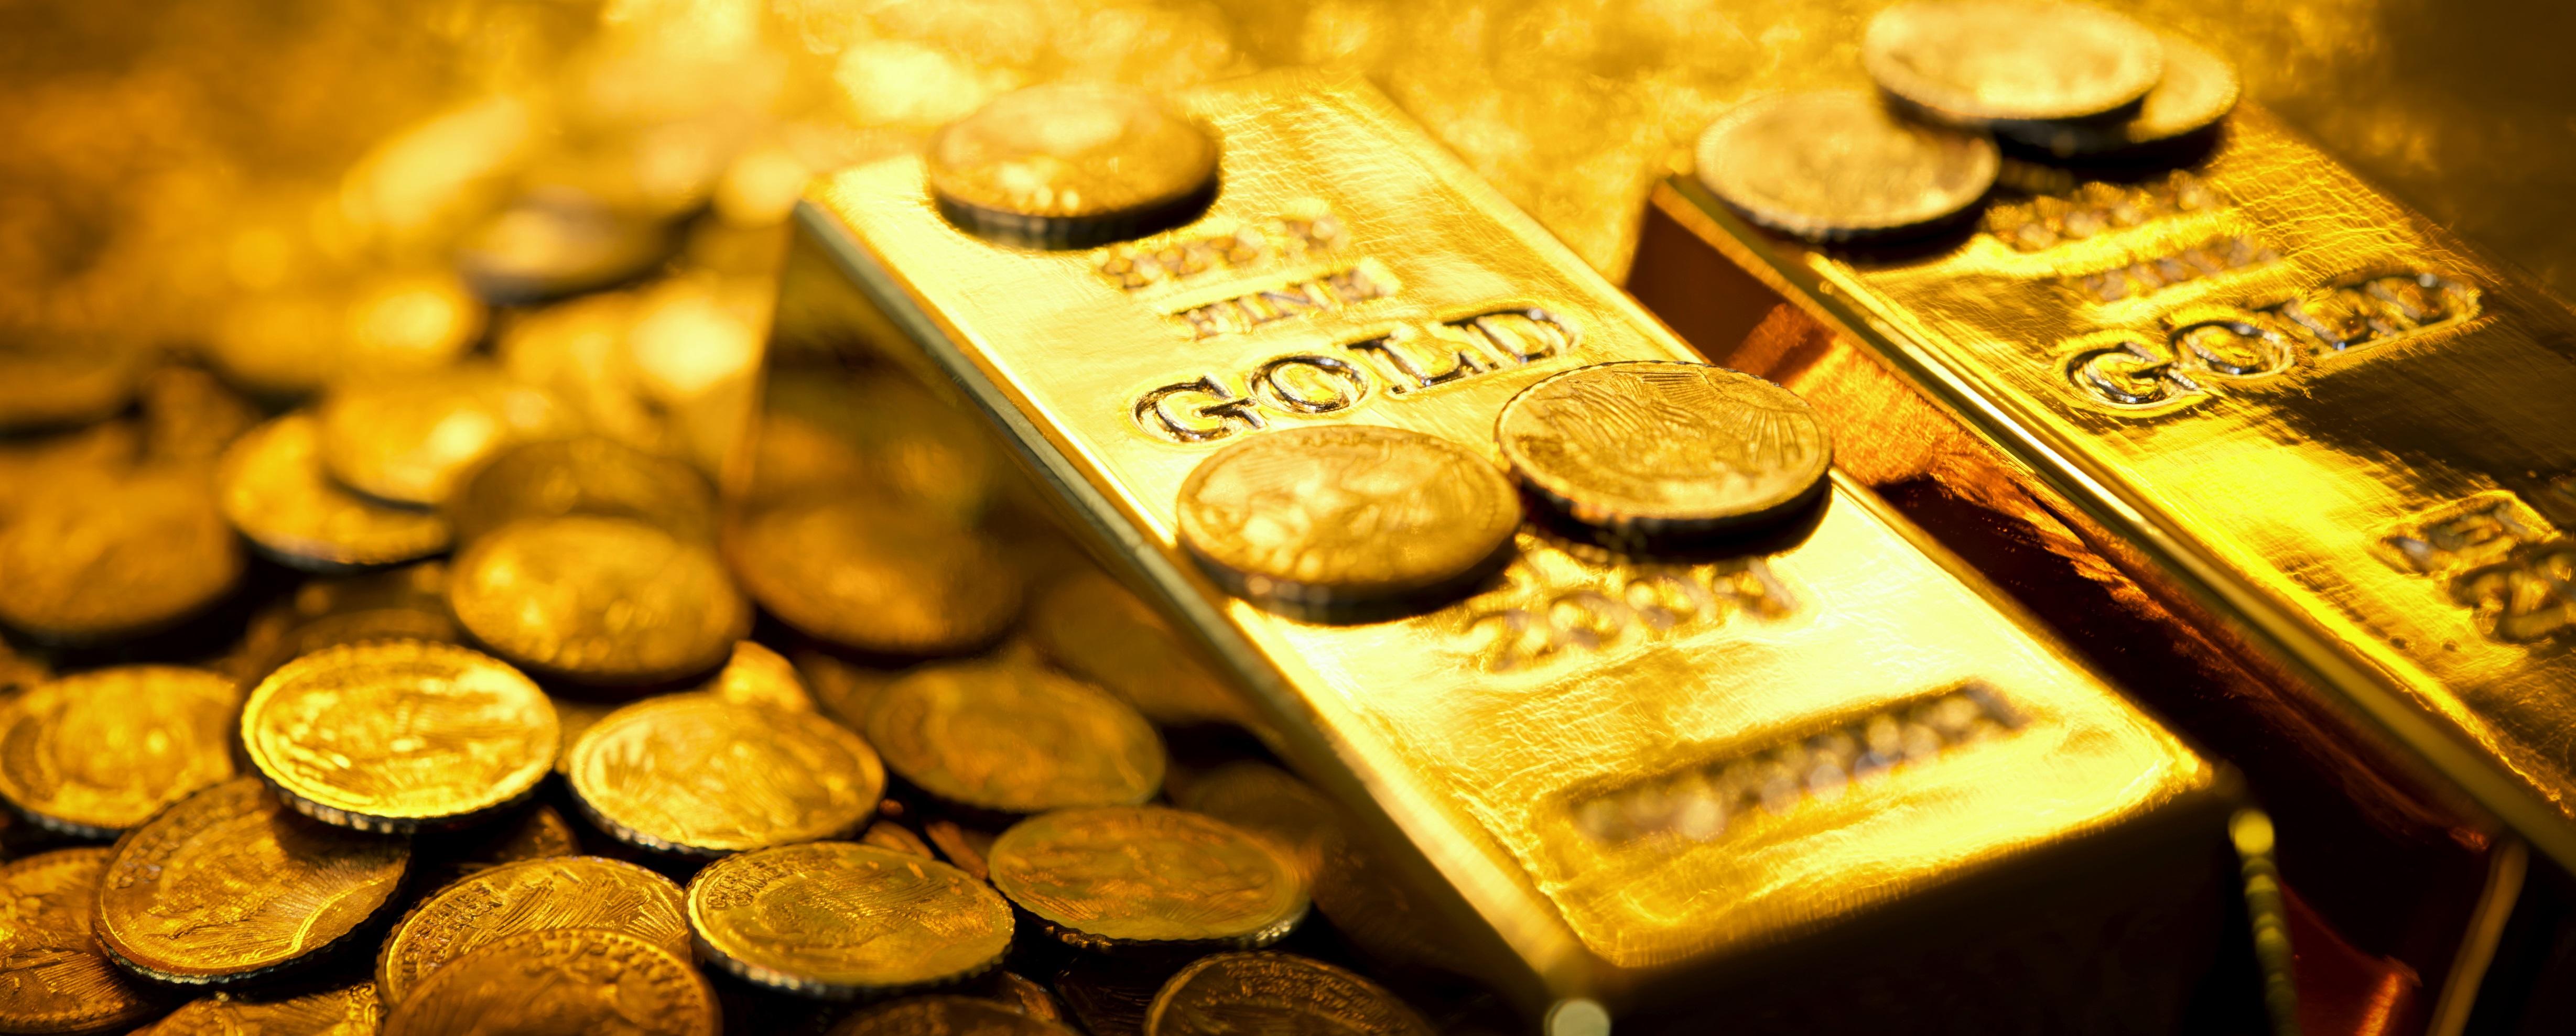 Giá vàng tiếp tục đi ngang mức 35.65 triệu đồng/lượng